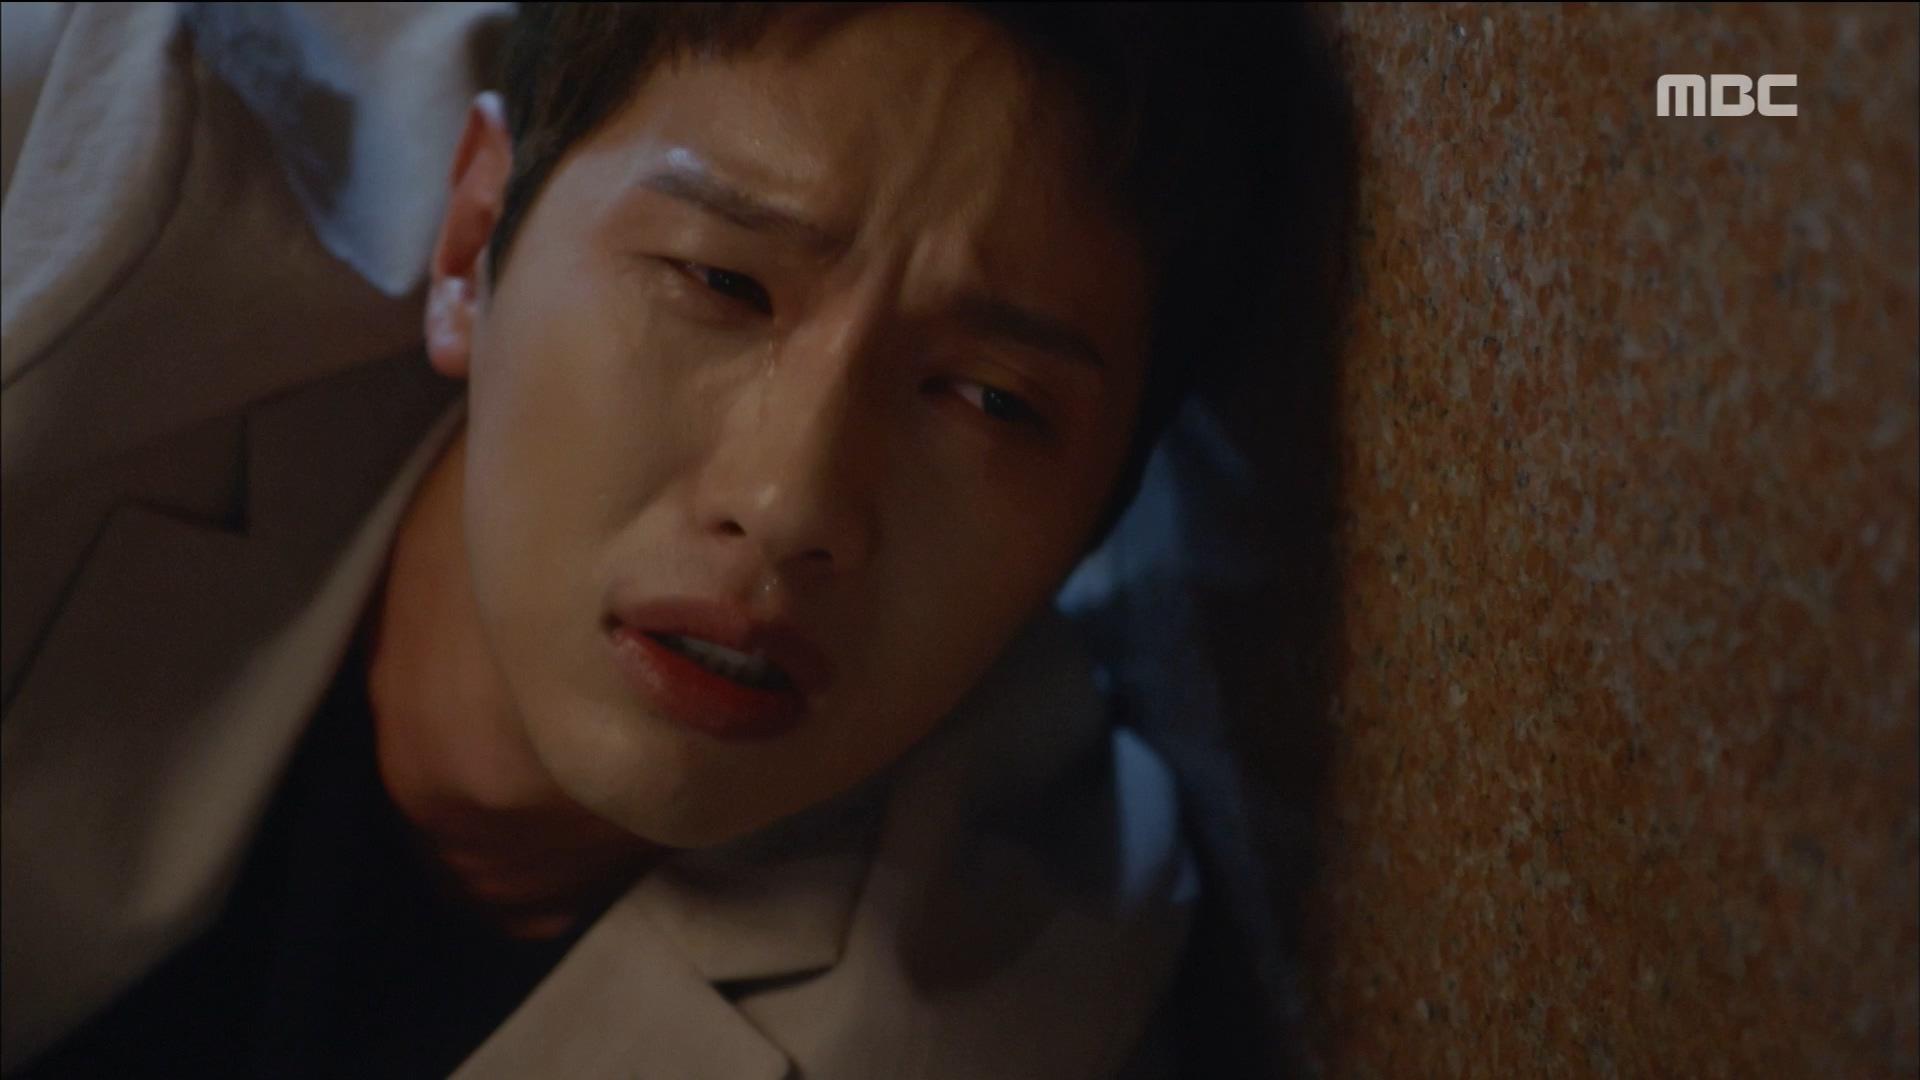 지현우, 결국 길에서 쓰러져 '응급실 행'